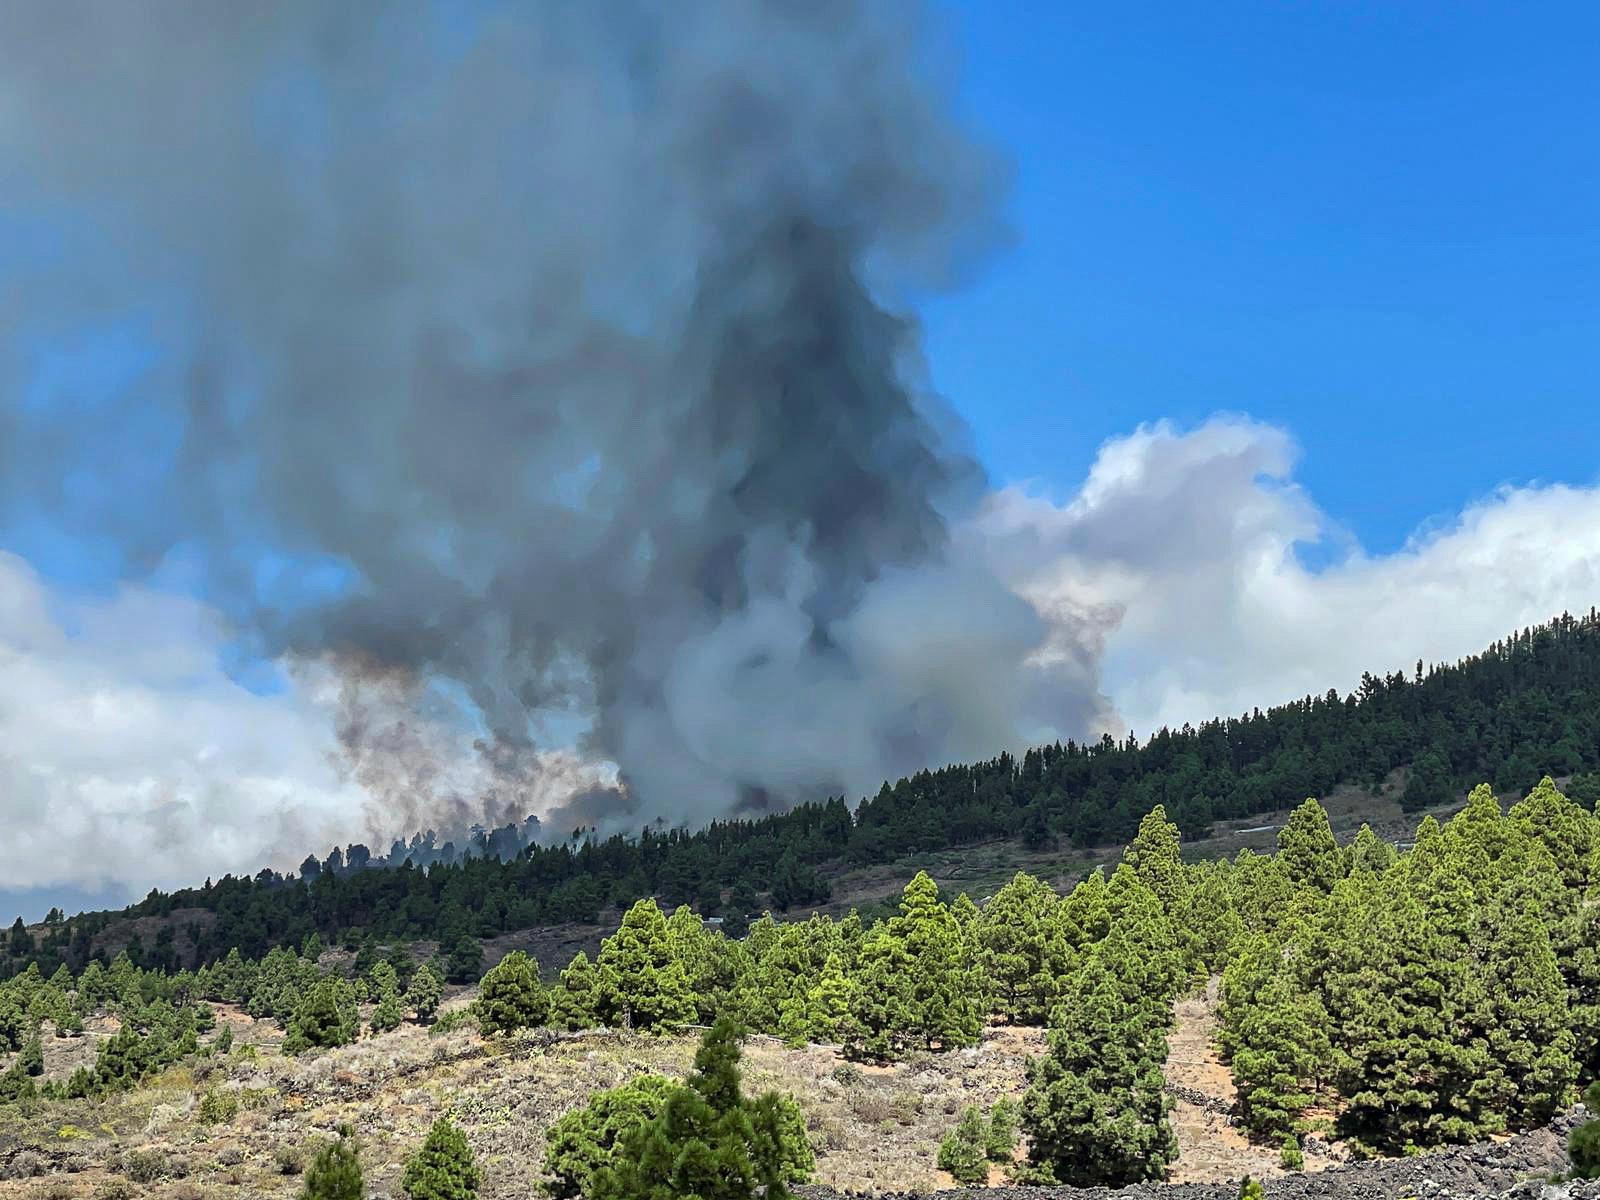 Ισπανία: Έκρηξη ηφαιστείου στο νησί Λα Πάλμα – Απομακρύνθηκαν κάτοικοι